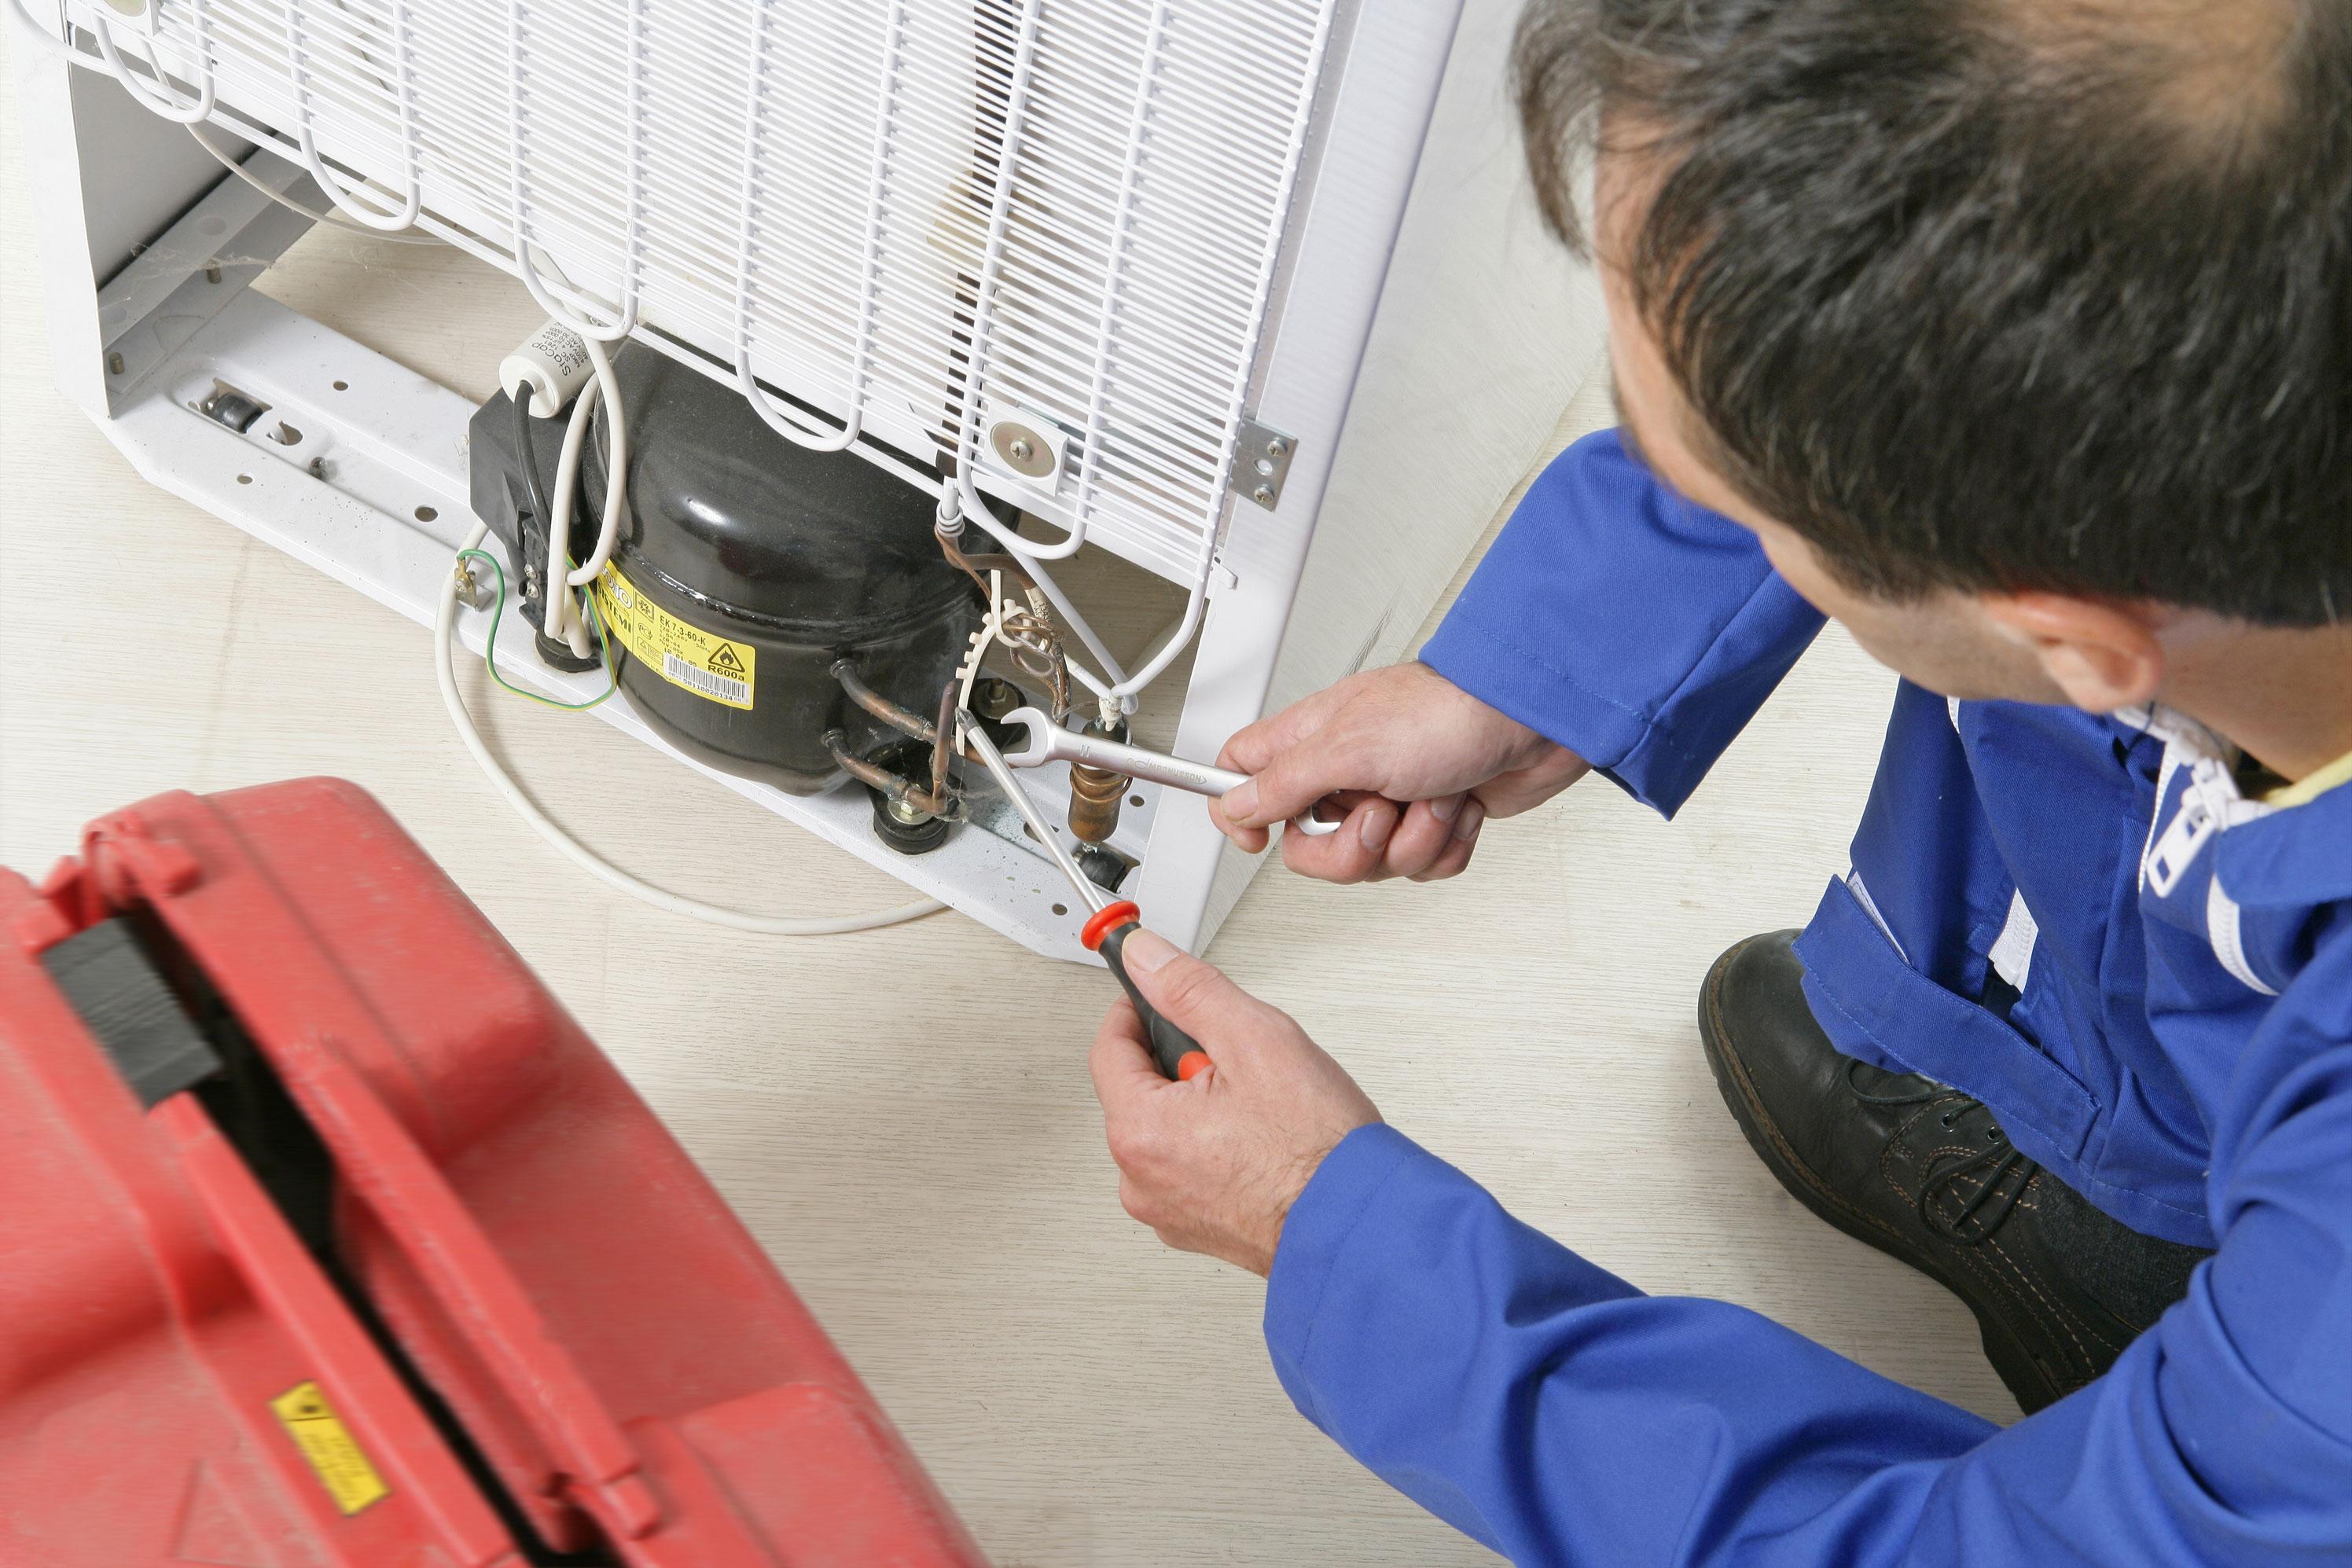 Réparation professionnelle et rapide d'électroménager